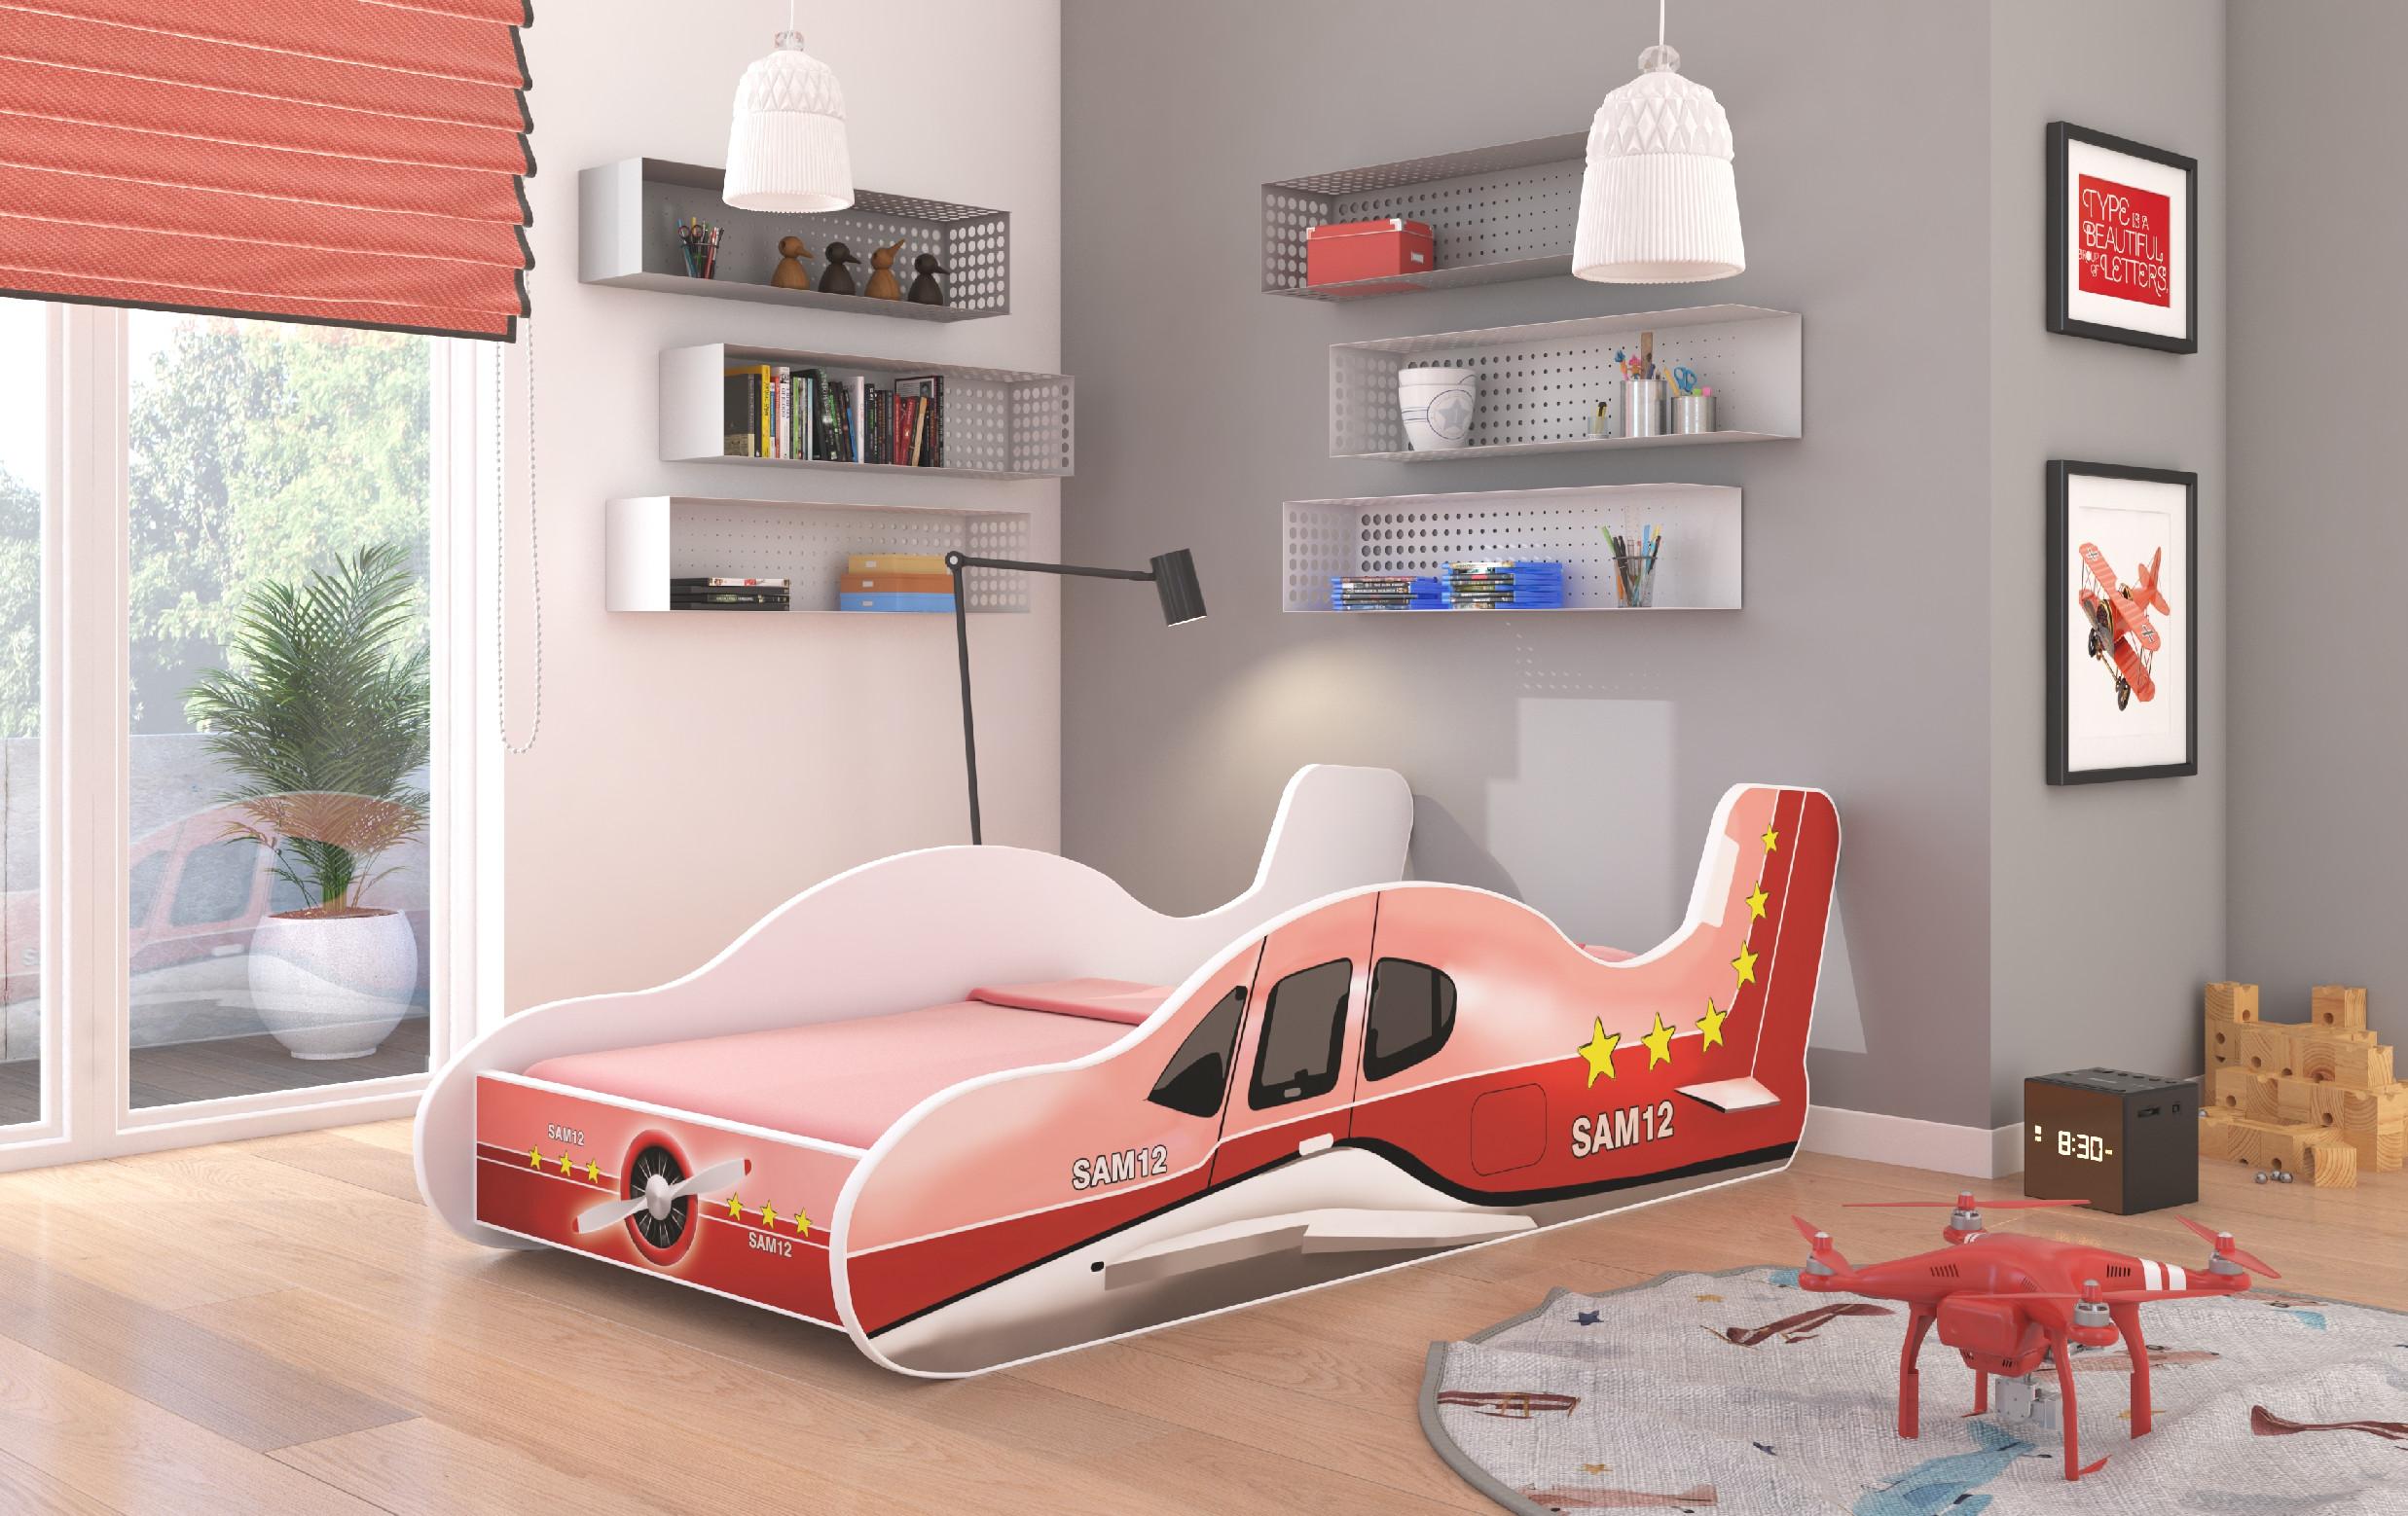 ArtAdr Detská posteľ PLANE Farba: Červená, Prevedenie: 70 x 140 cm